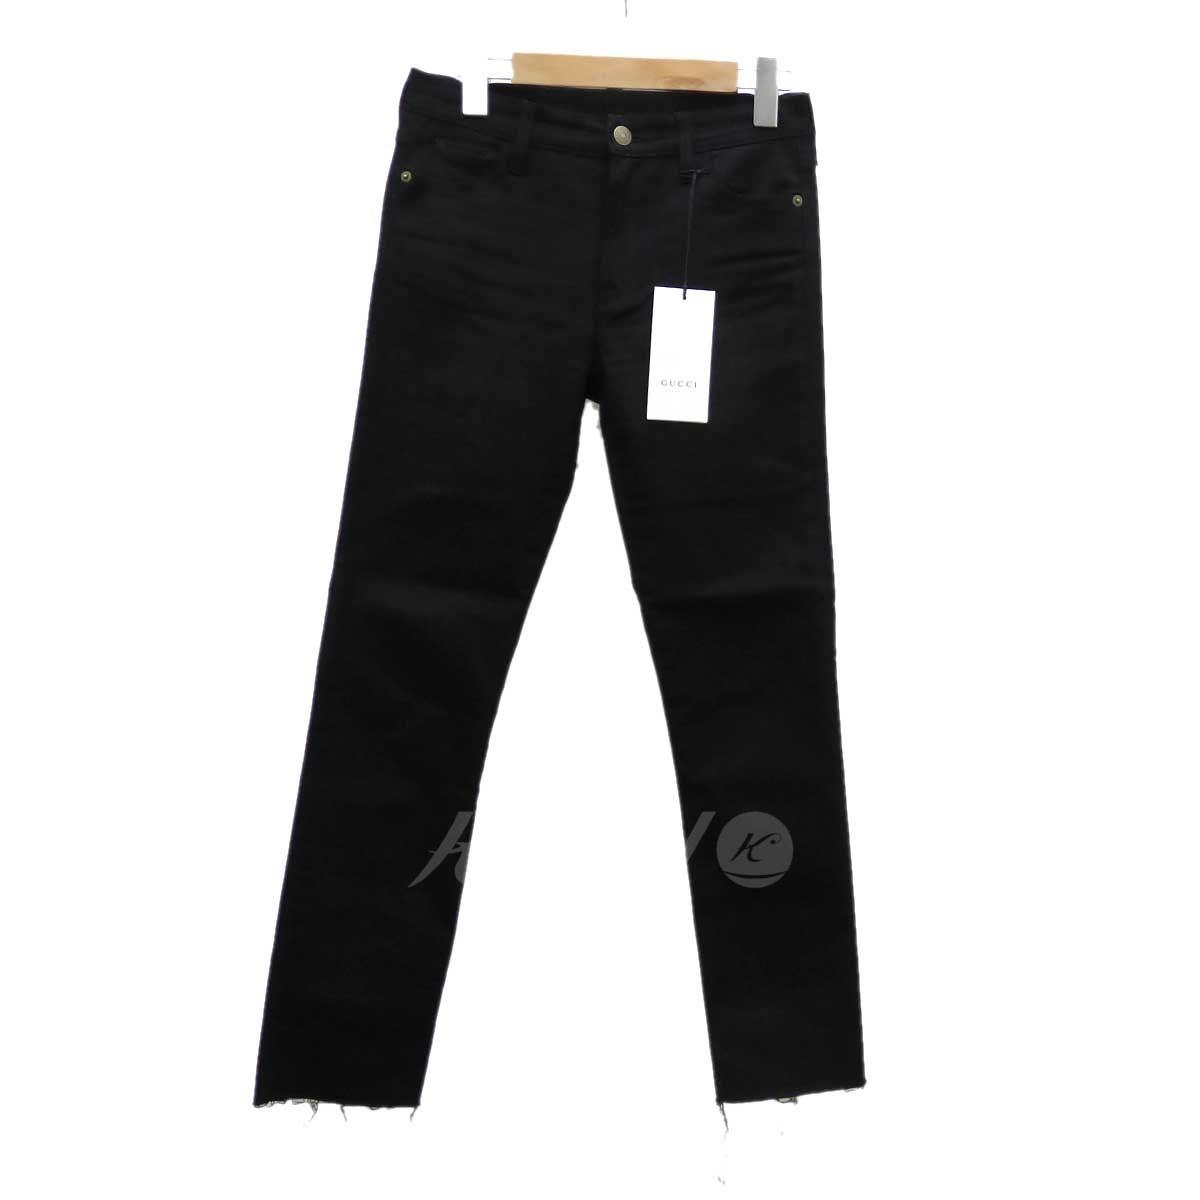 【中古】GUCCI パンサーエンブレムカットオフパンツ ブラック サイズ:W25 【110319】(グッチ)